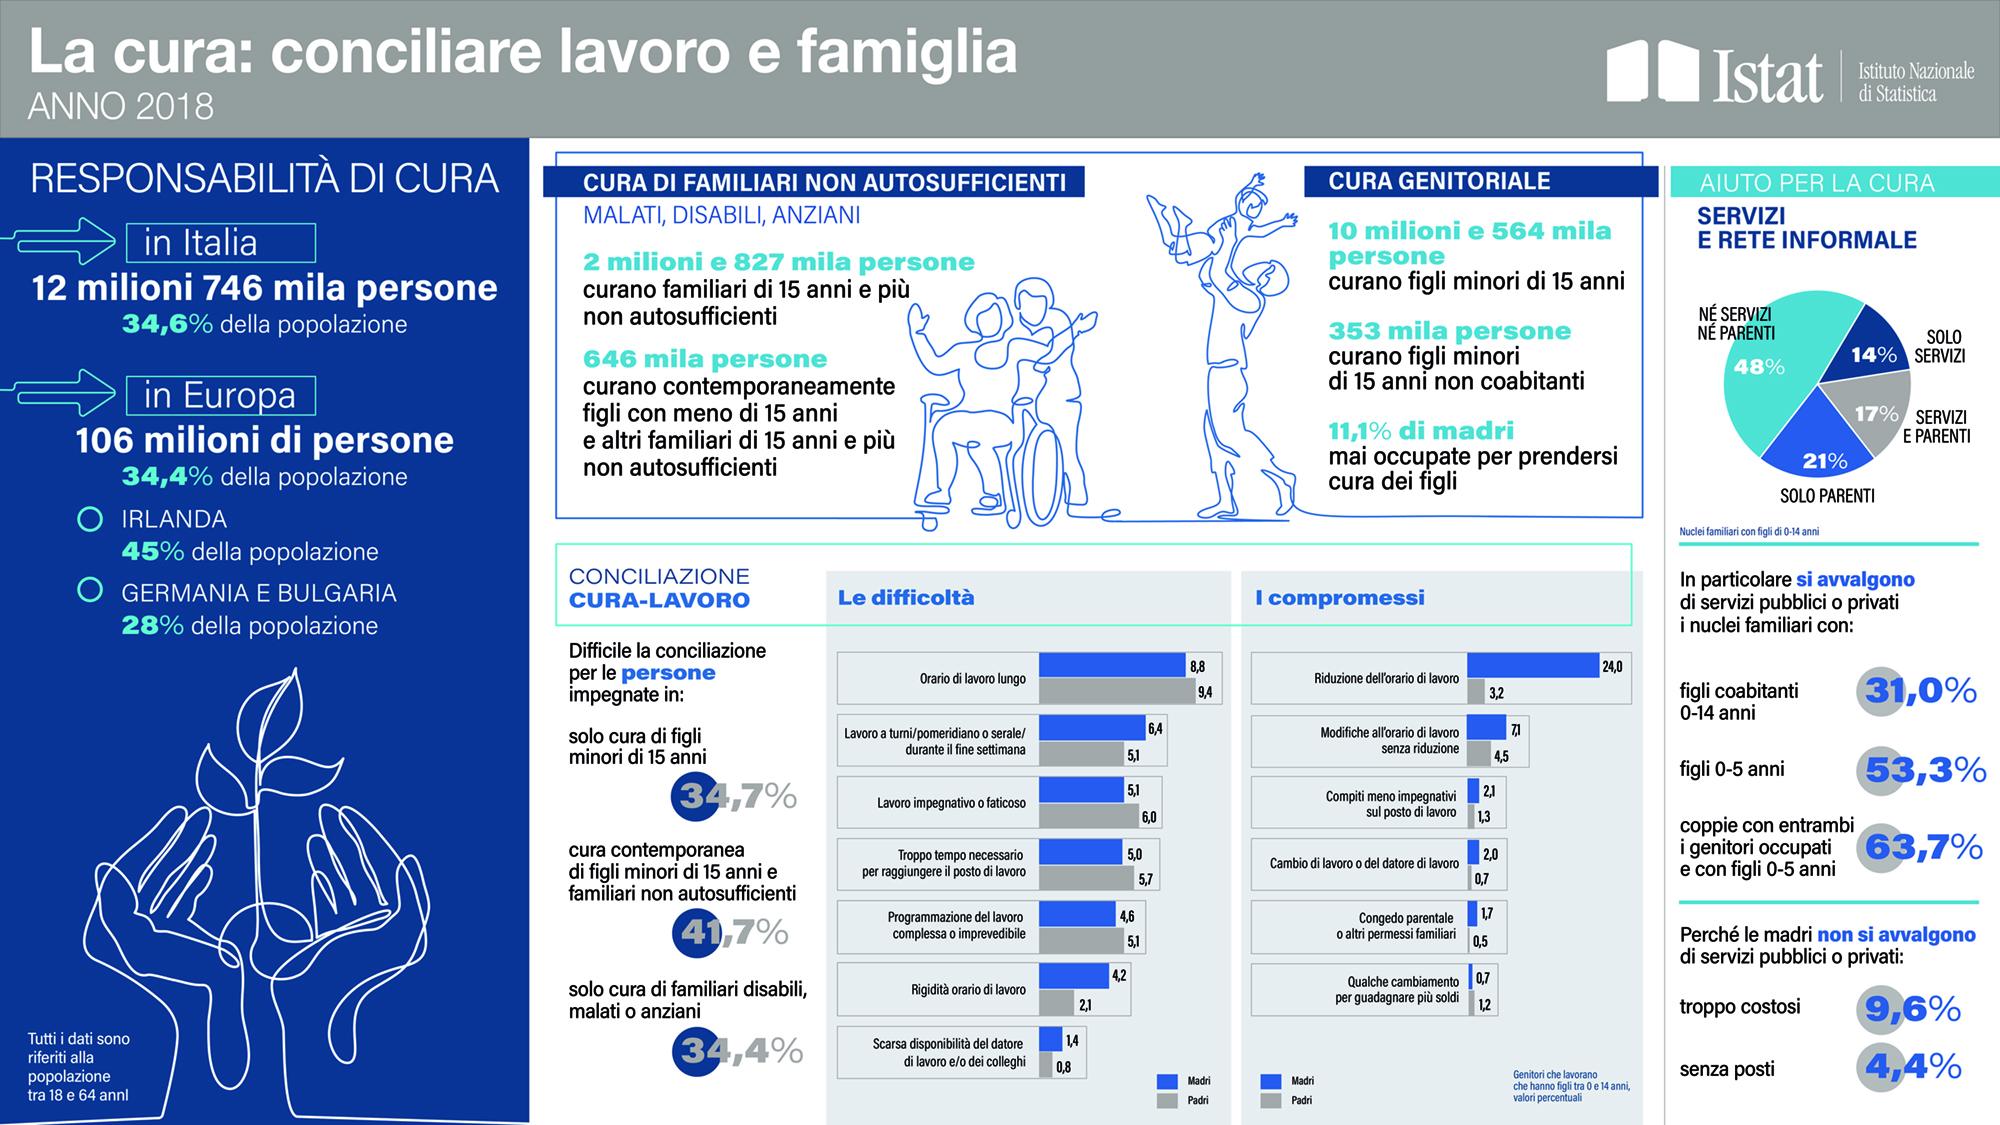 Conciliazione tra lavoro e famiglia